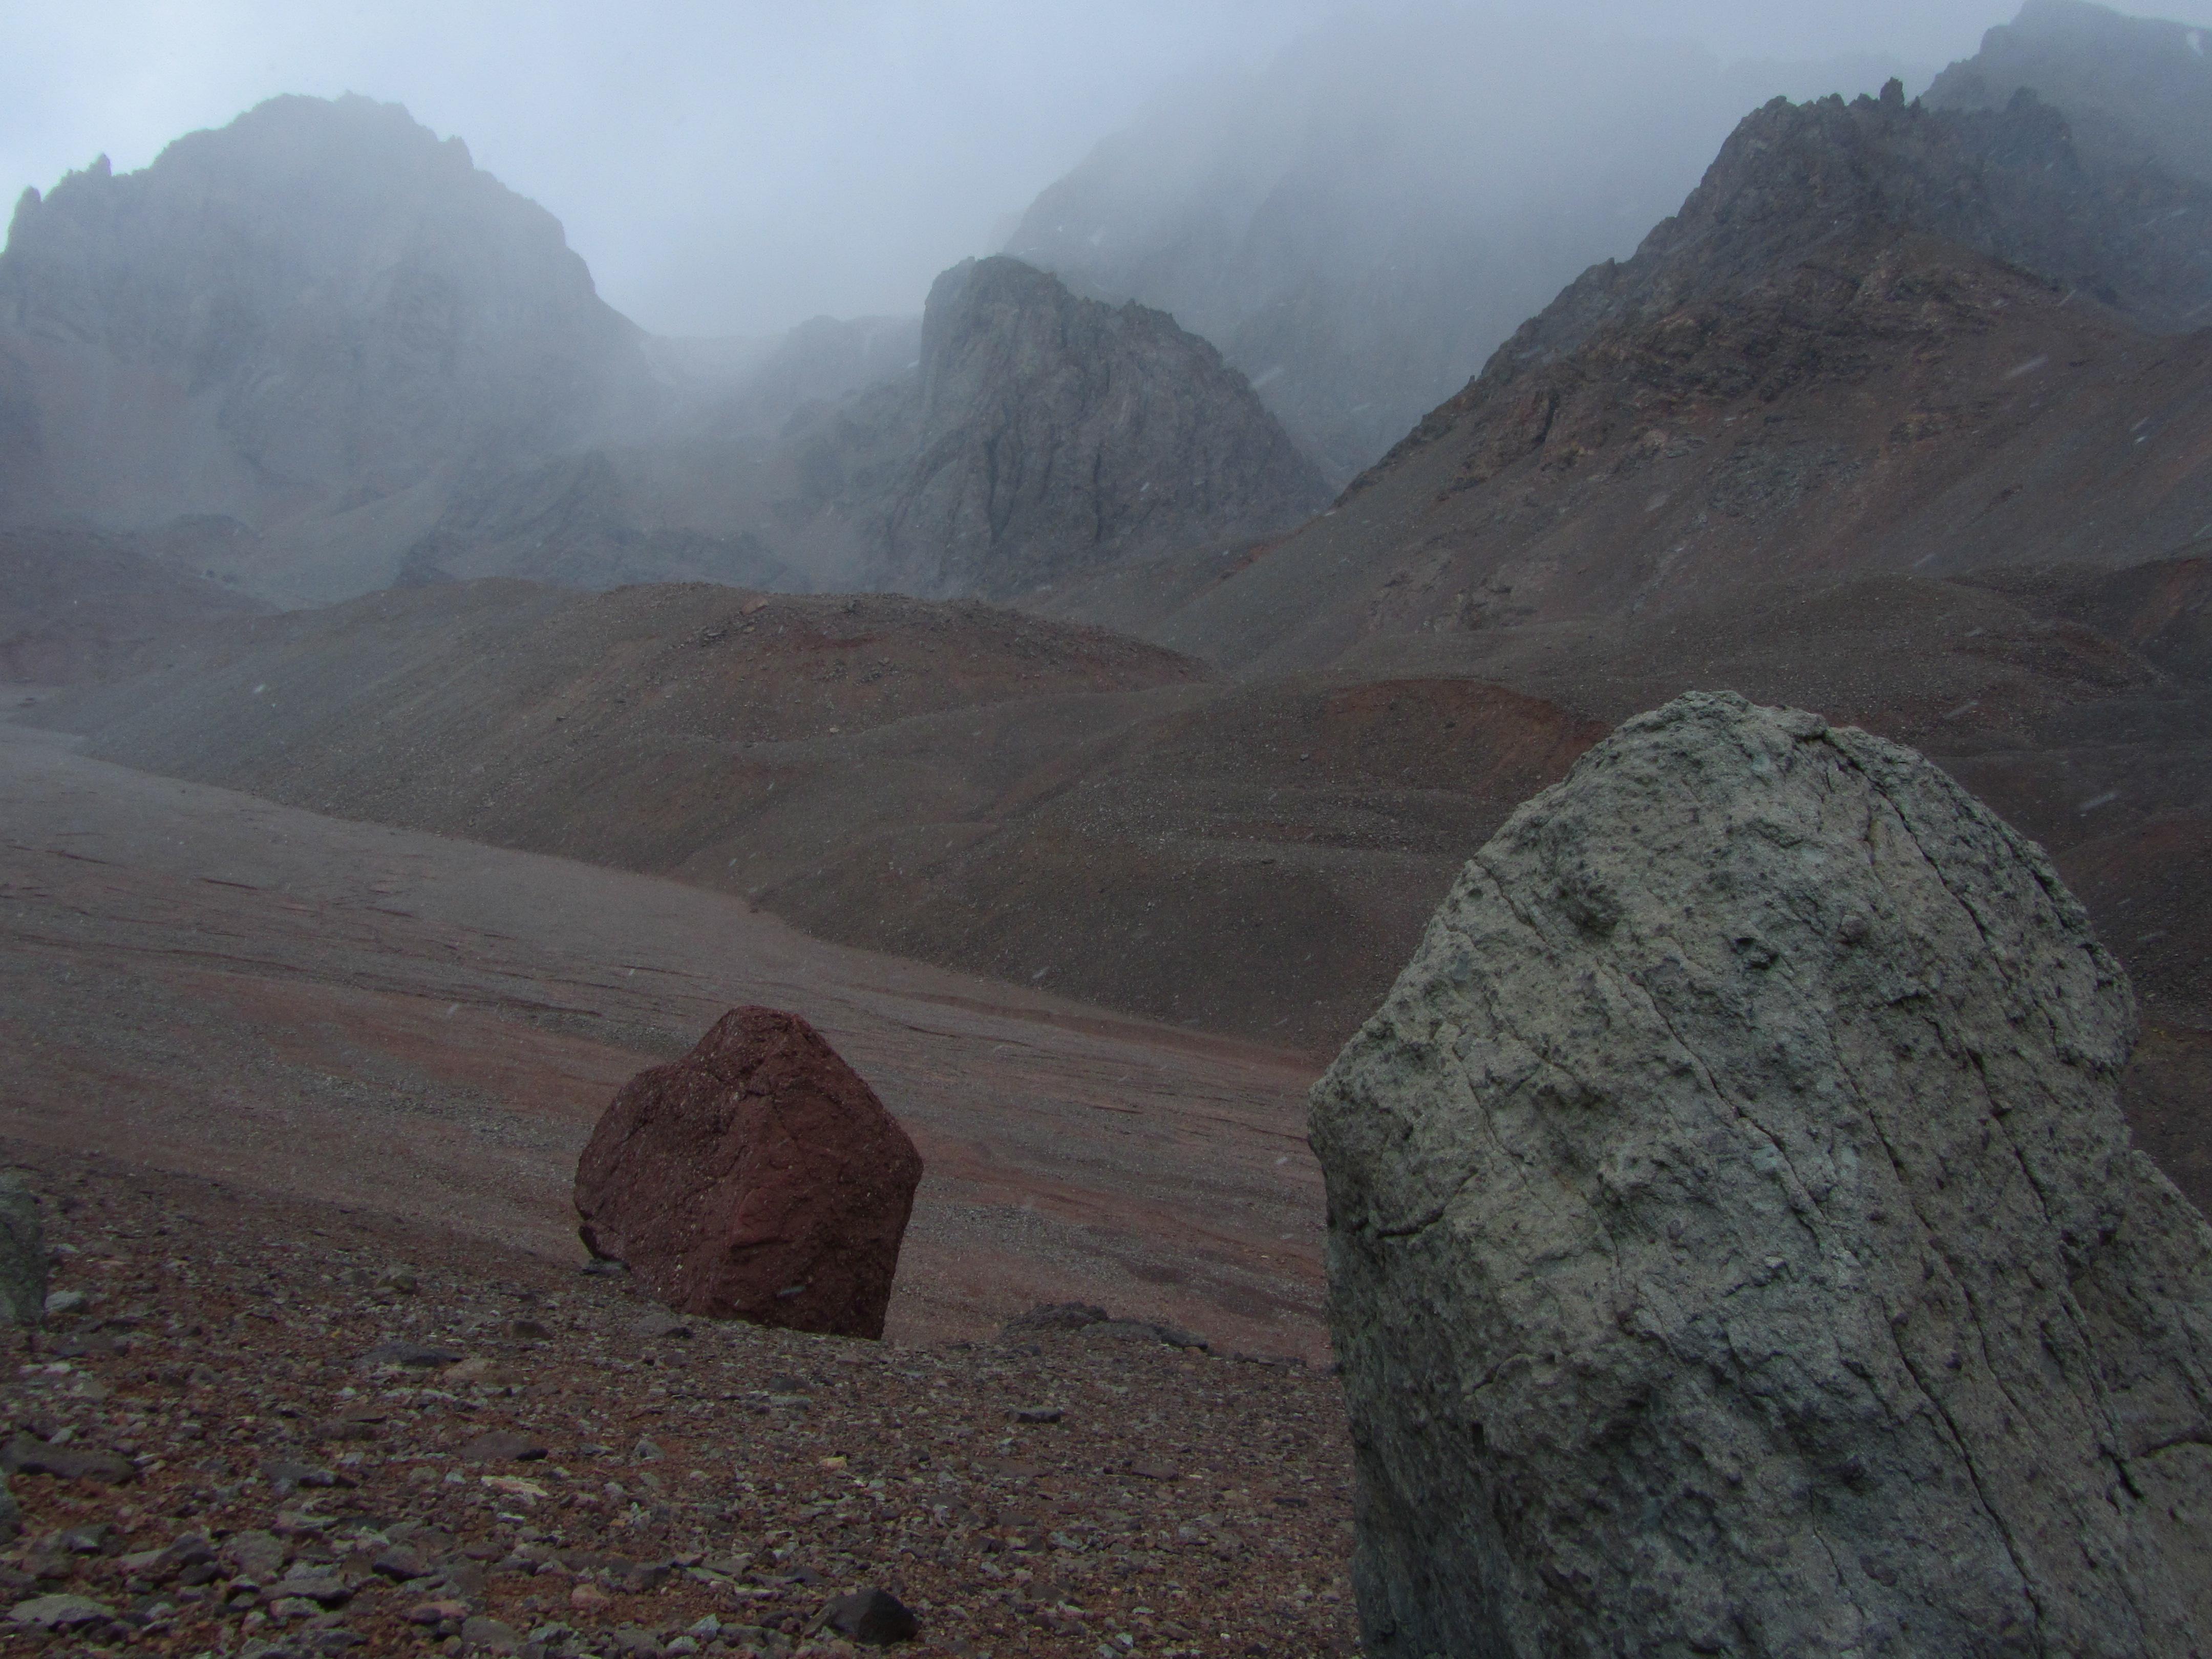 Streifzug durch das Wunderland aus Stein.